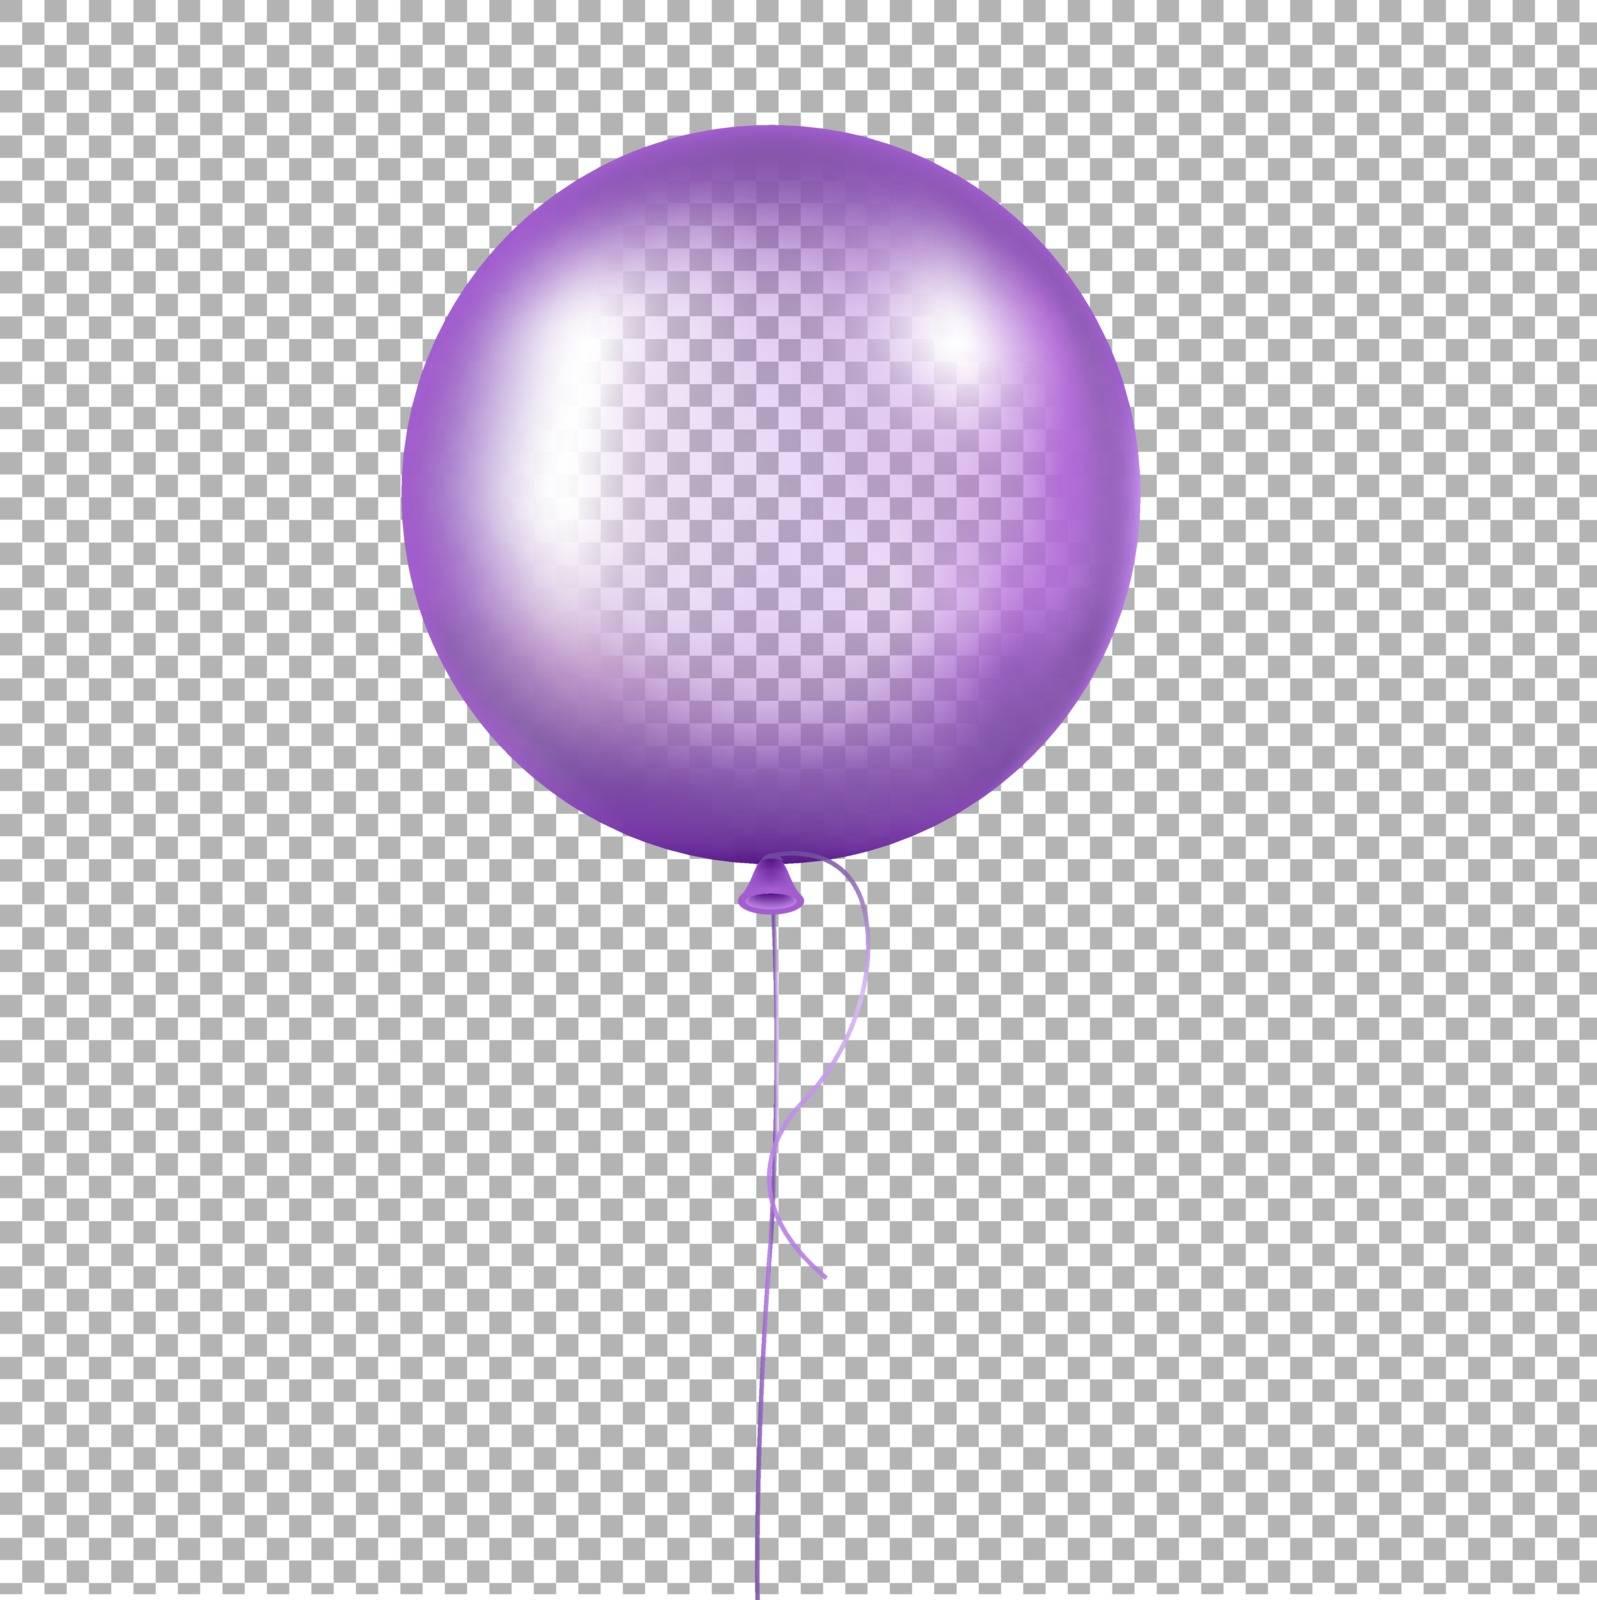 Violet Balloon Gradient Mesh, Vector Illustration